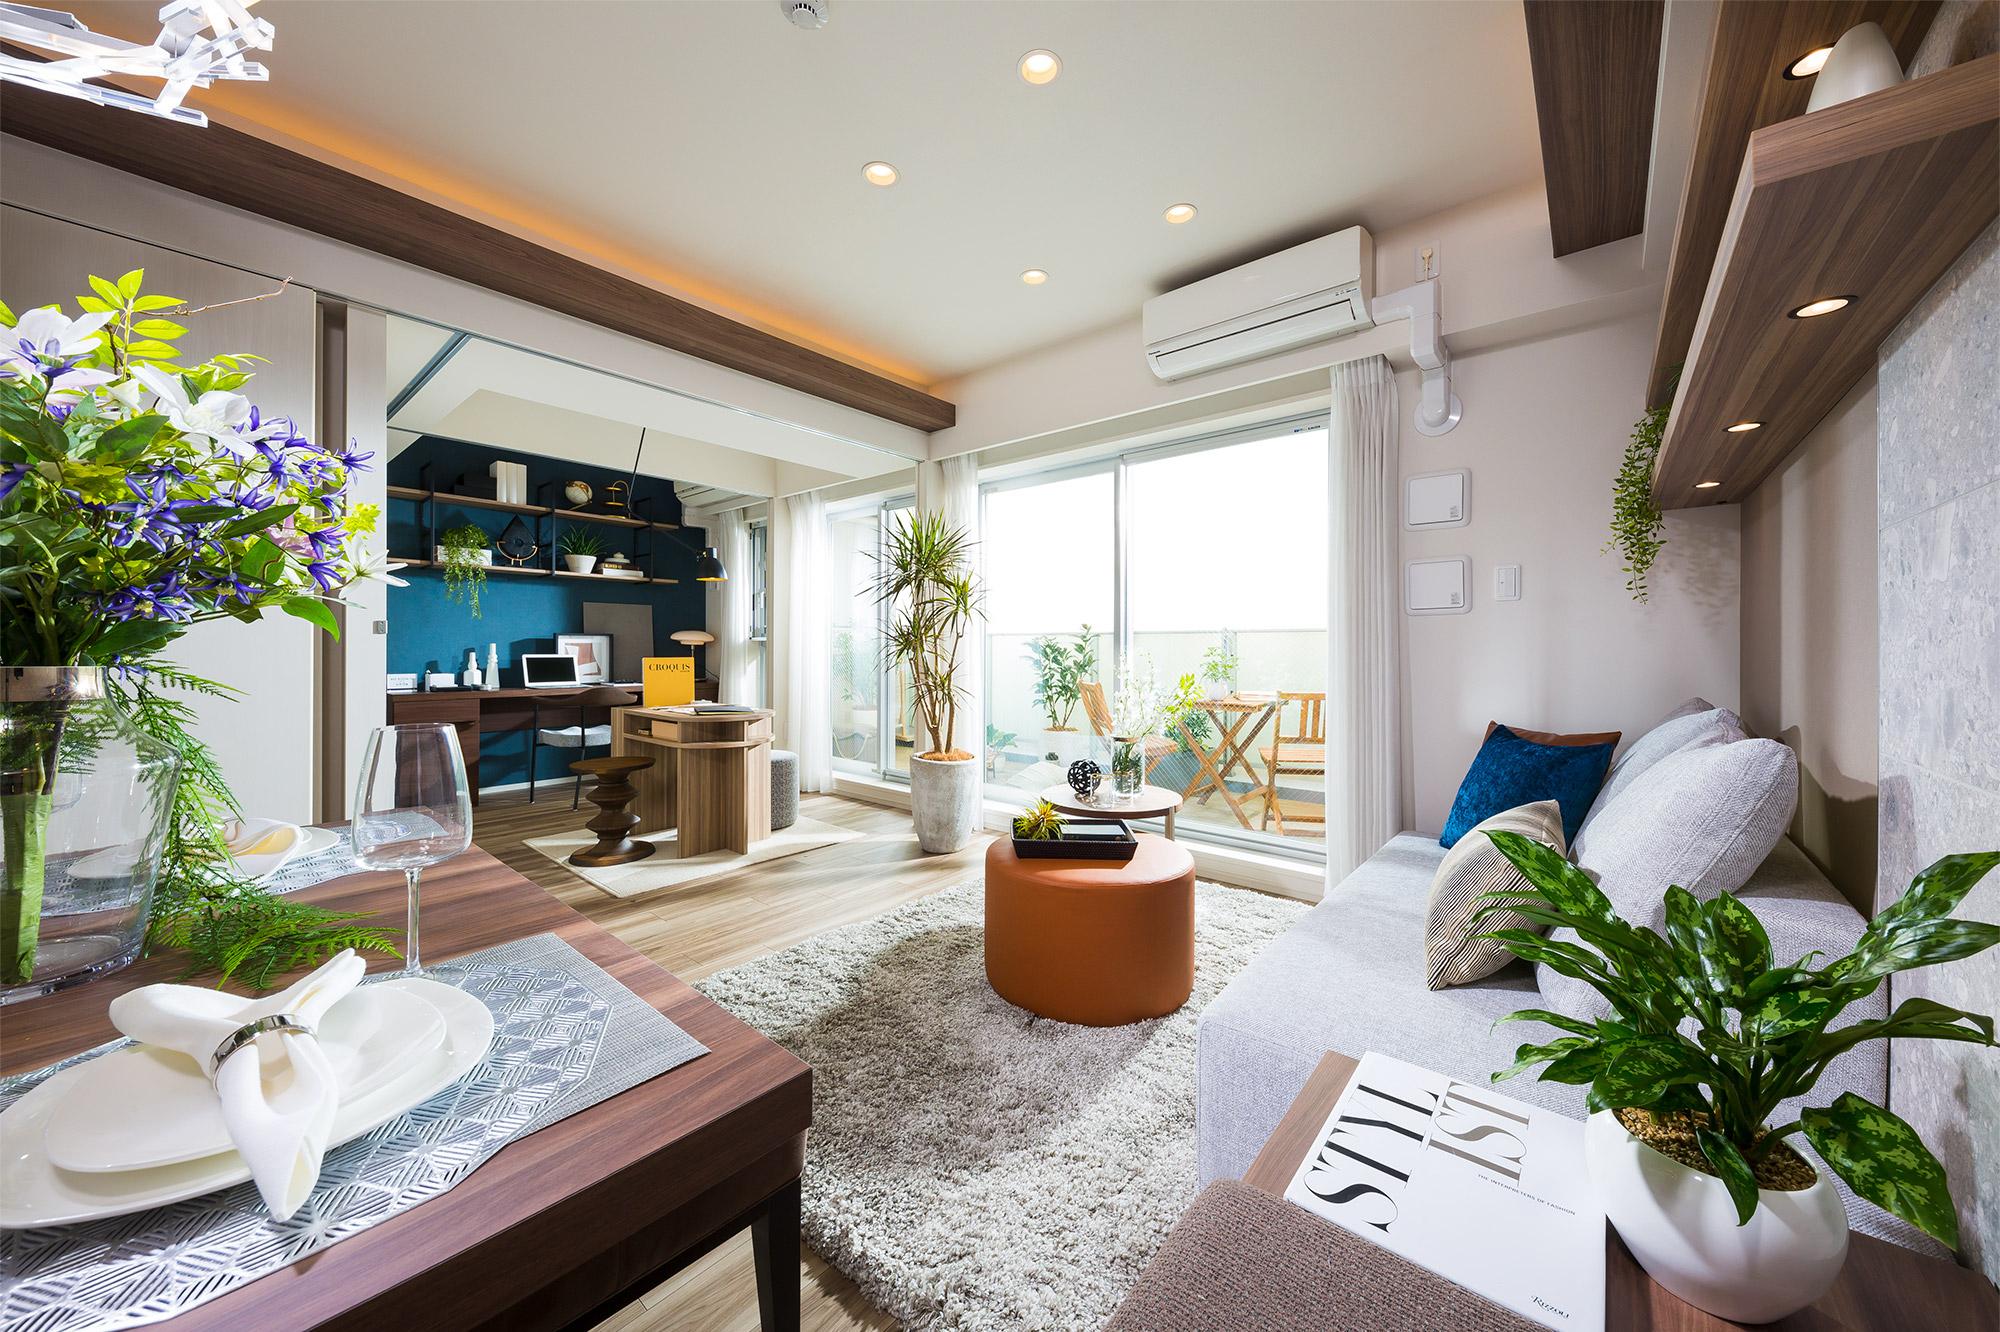 <東京23区マンション市場動向>7月は932戸供給、価格は8319万円で前年同月比3.6%上昇